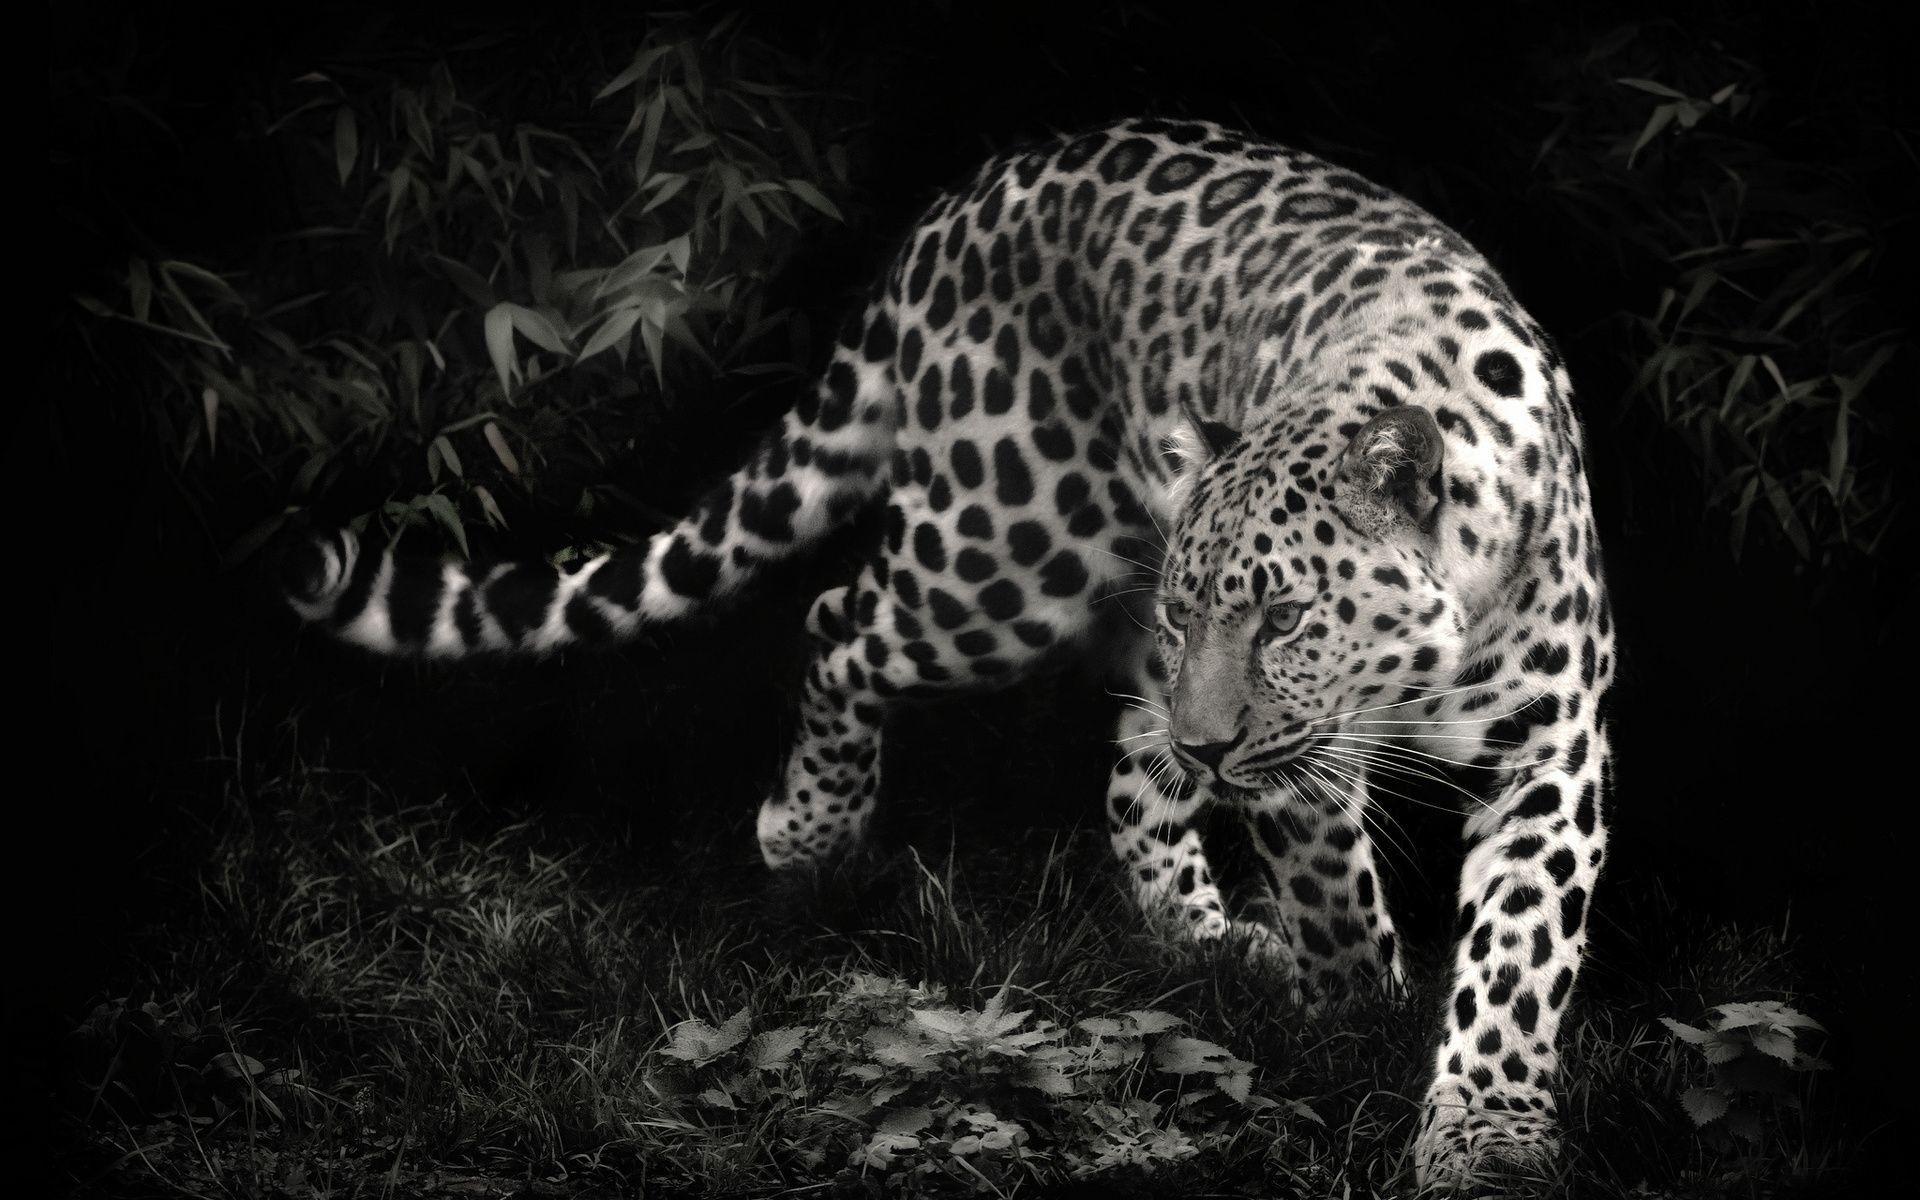 Black leopard wallpaper 71 images - Animal black background wallpaper ...